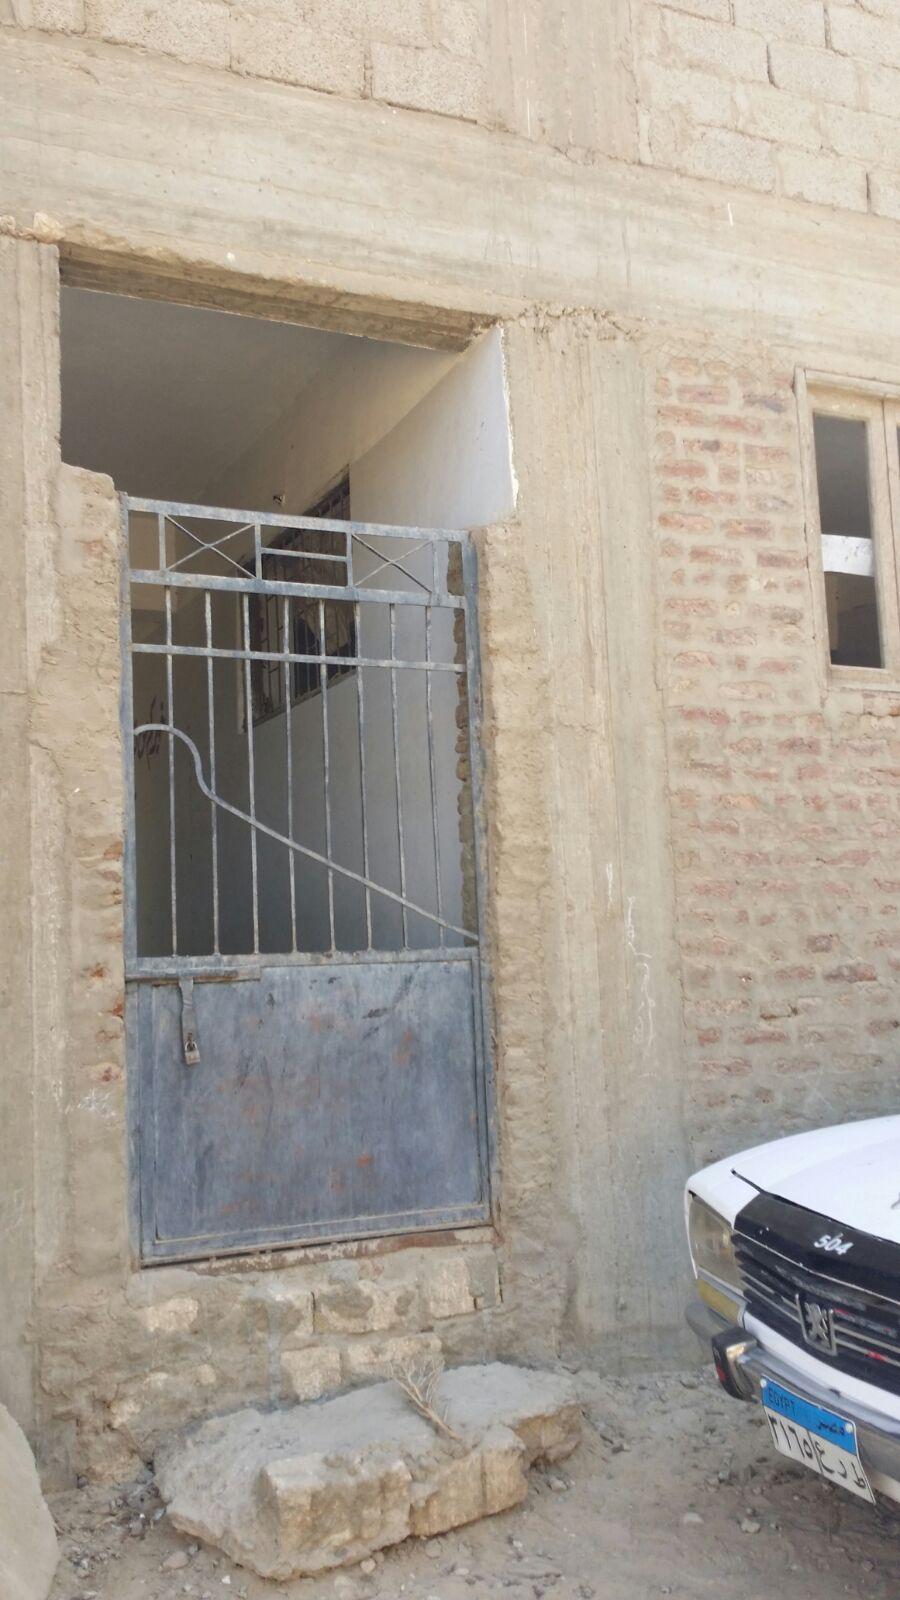 بالصور.. مواطن يرصد تهالك معهد أزهري في قنا.. ويحذر من سقوطه فوق طلابه